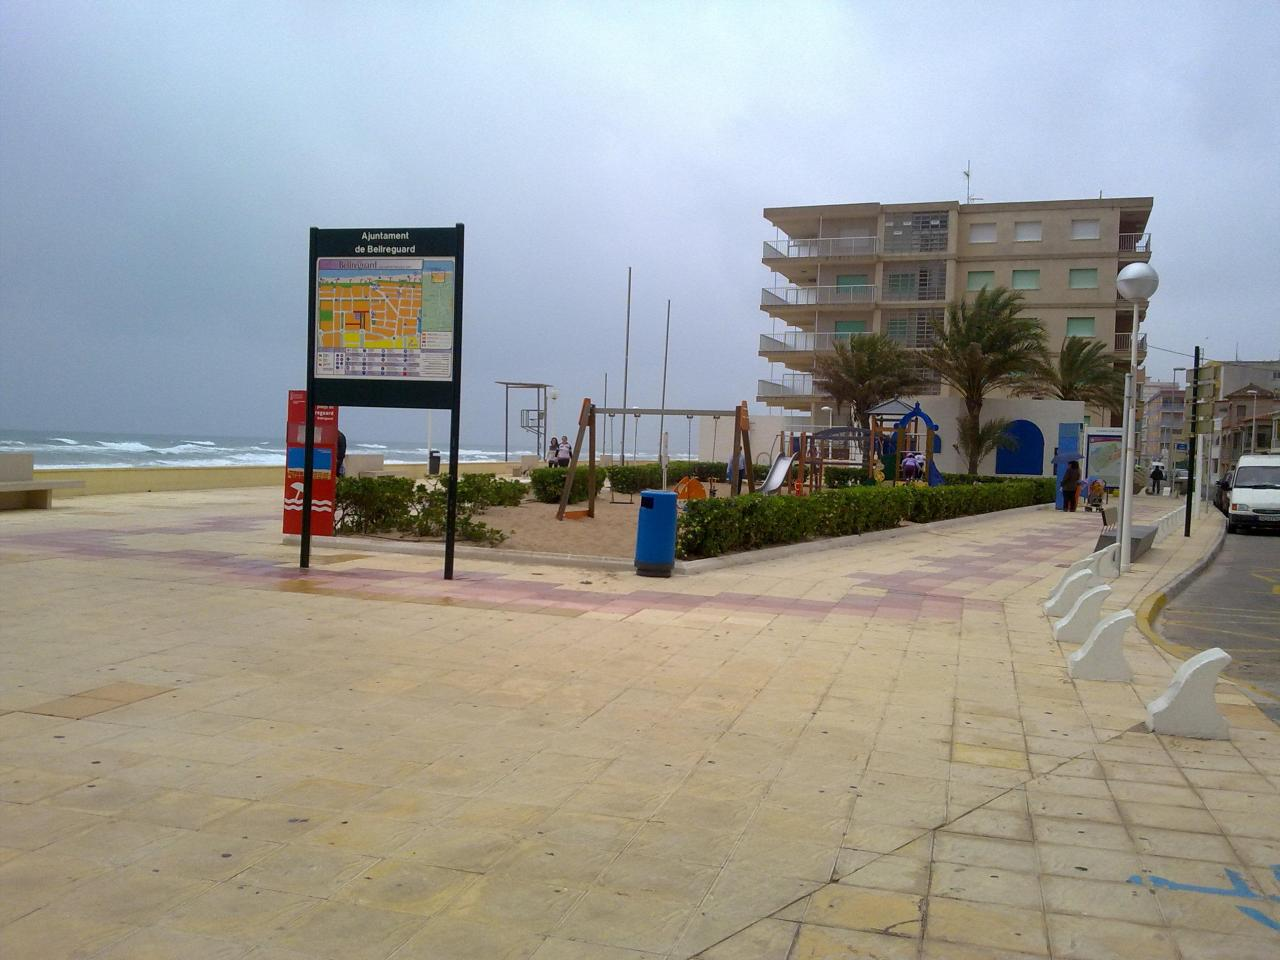 Alquiler vacaciones en Bellreguart, Valencia